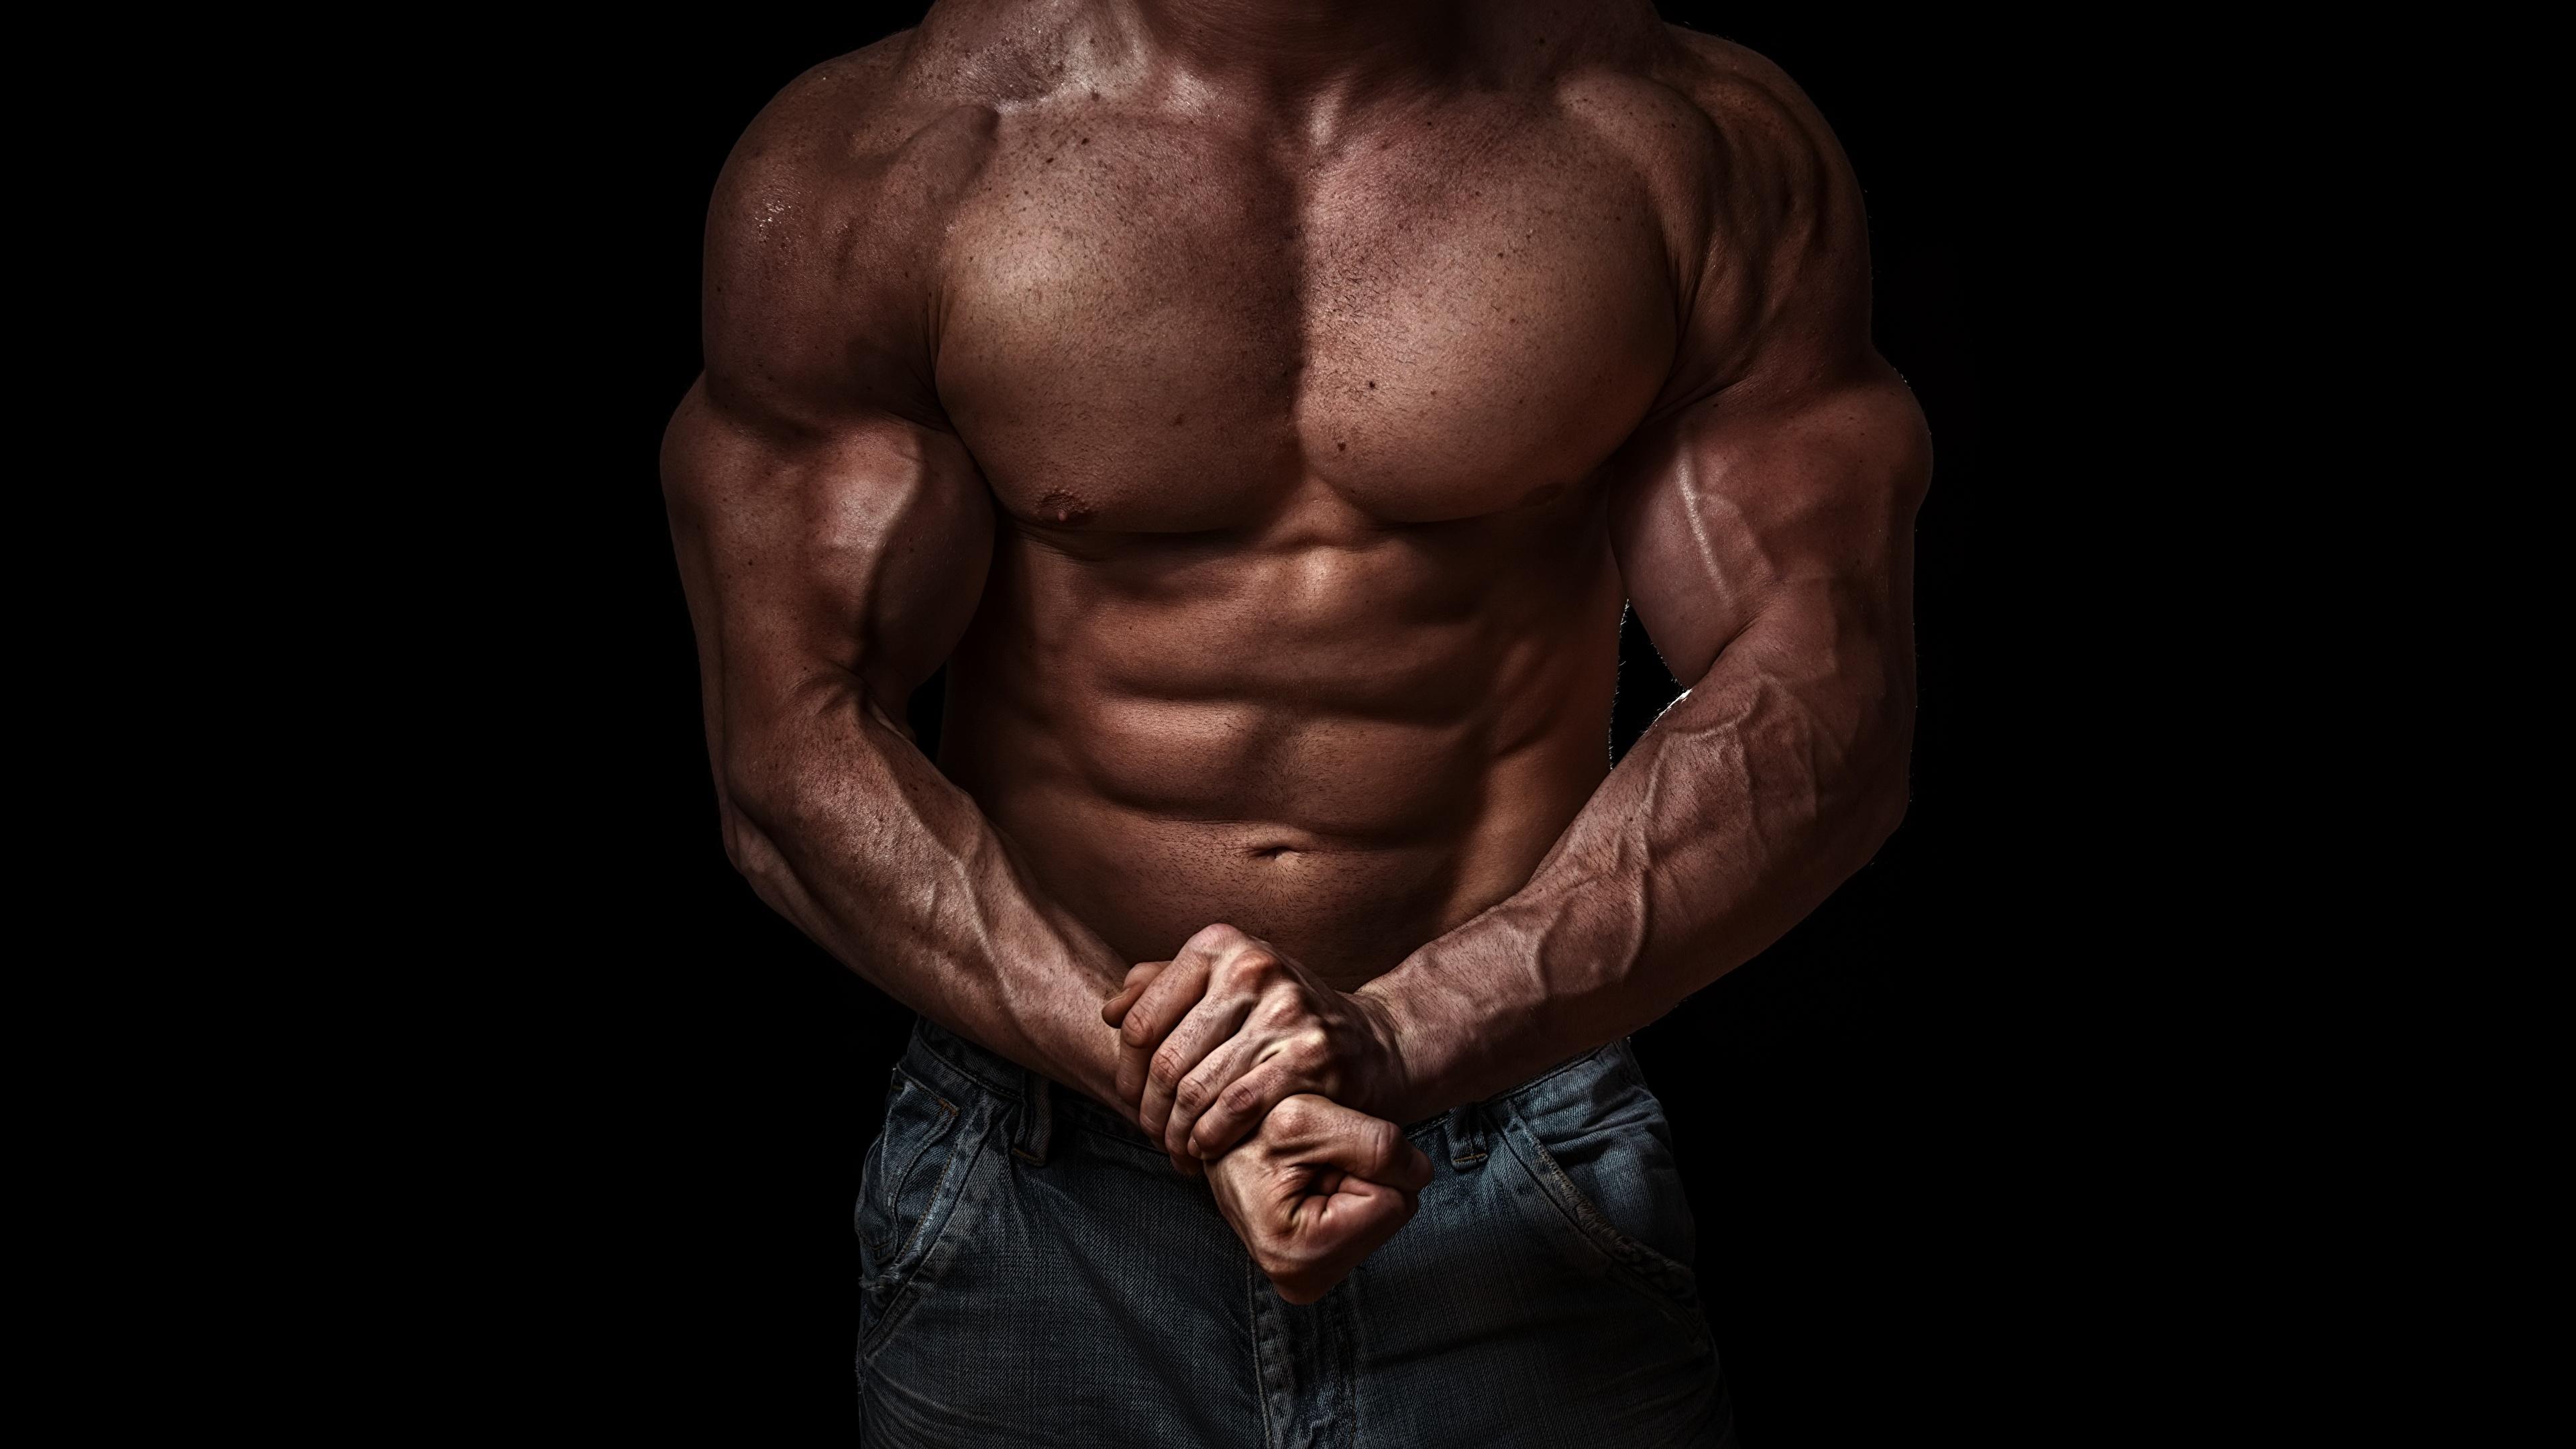 Обои для рабочего стола Мышцы спортивная Бодибилдинг рука Живот на черном фоне 3840x2160 мускулы Спорт спортивный спортивные Руки живота Черный фон